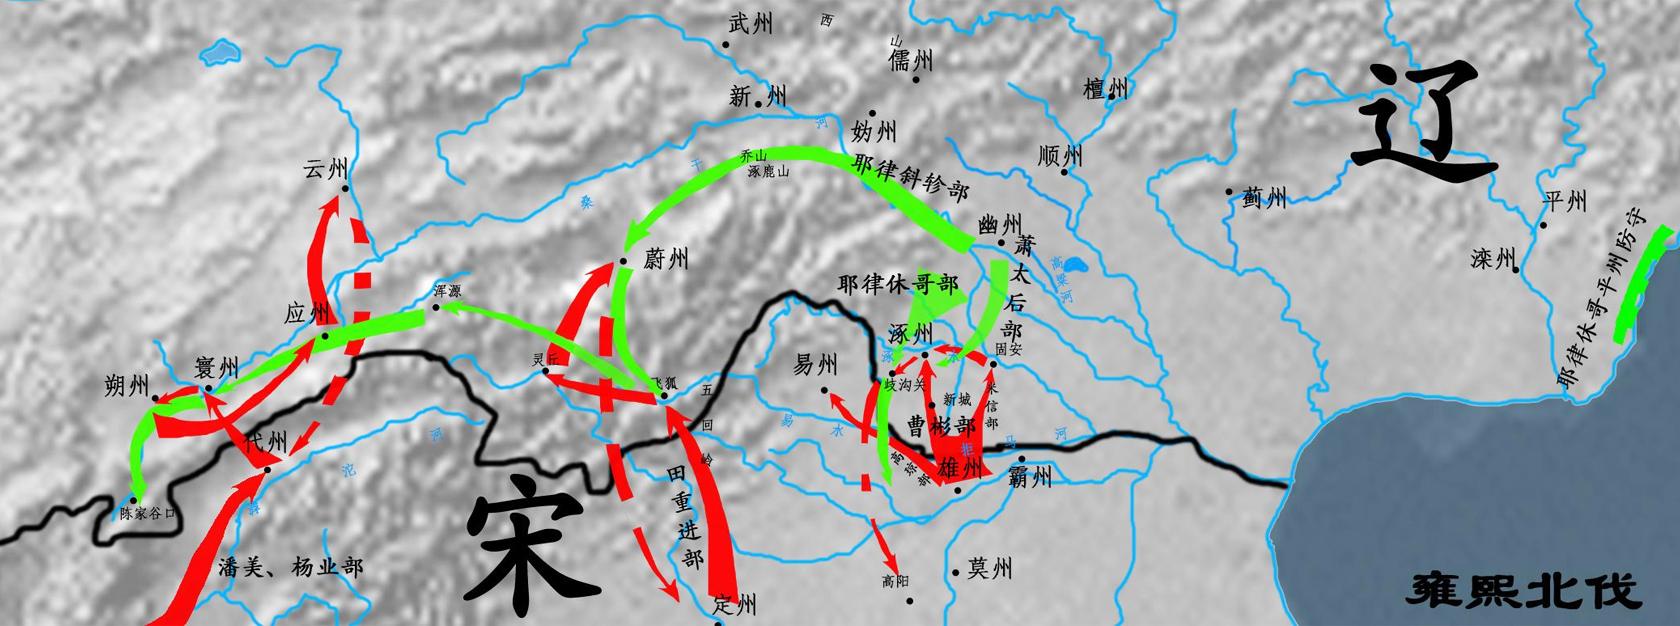 雍熙北伐宋辽军事形势图